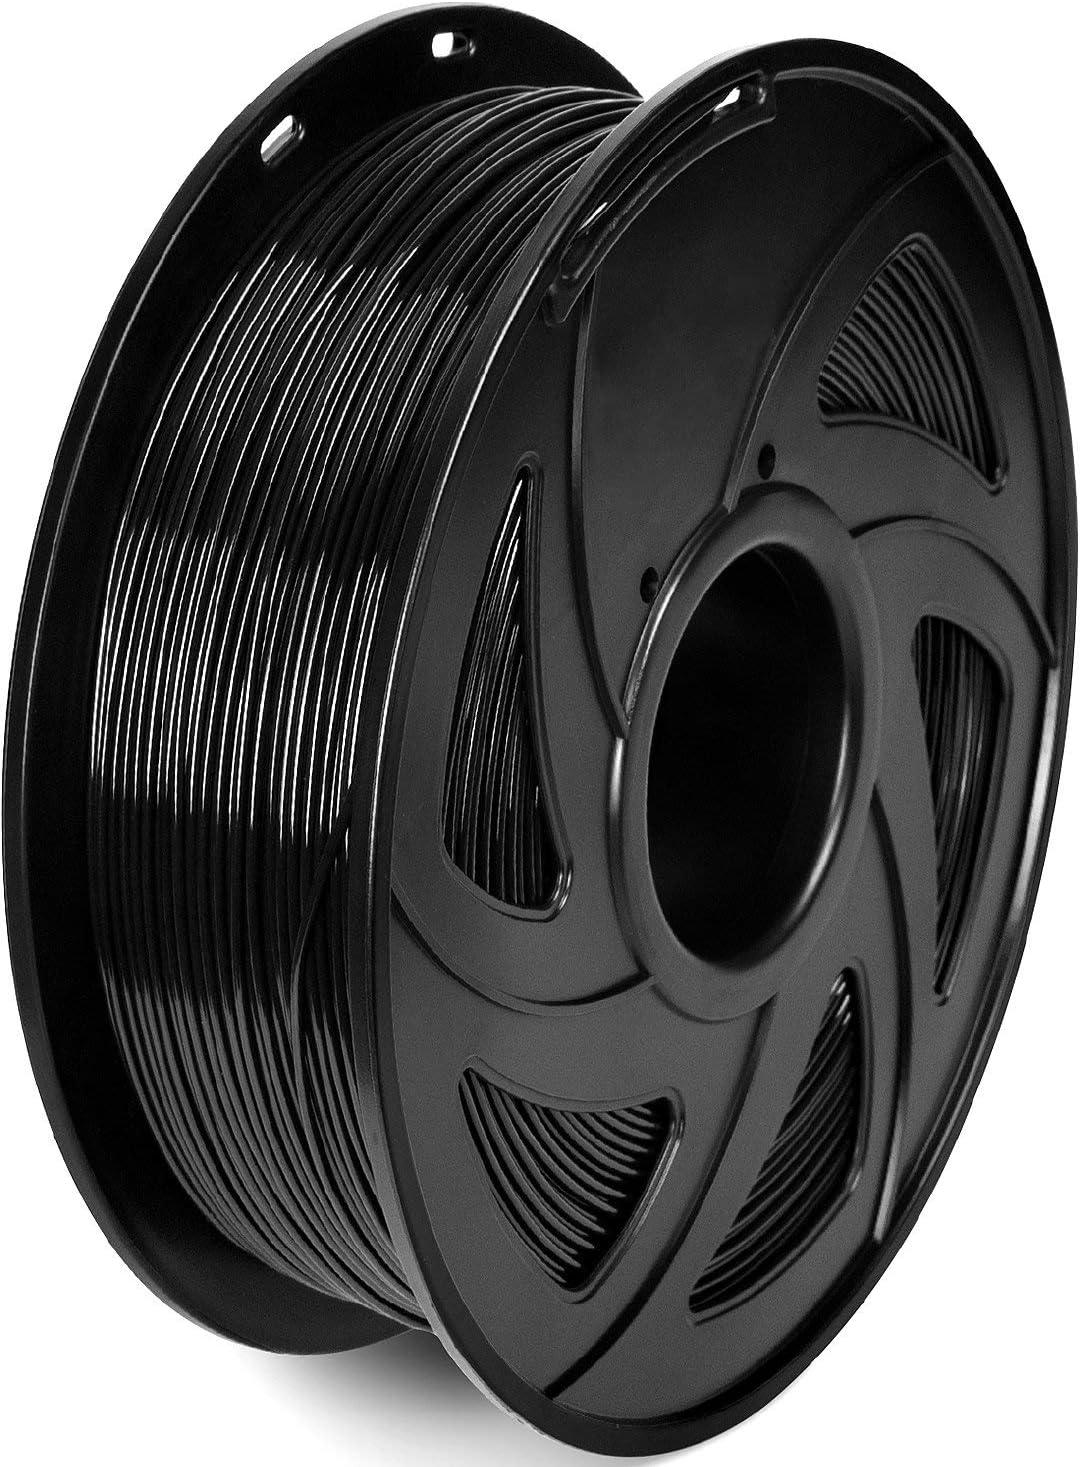 UNIDO 3D Printer Filament, PETG Filament 1.75 mm, Dimensional Accuracy +/- 0.02 mm, 1KG(2.2LB)/ Spool